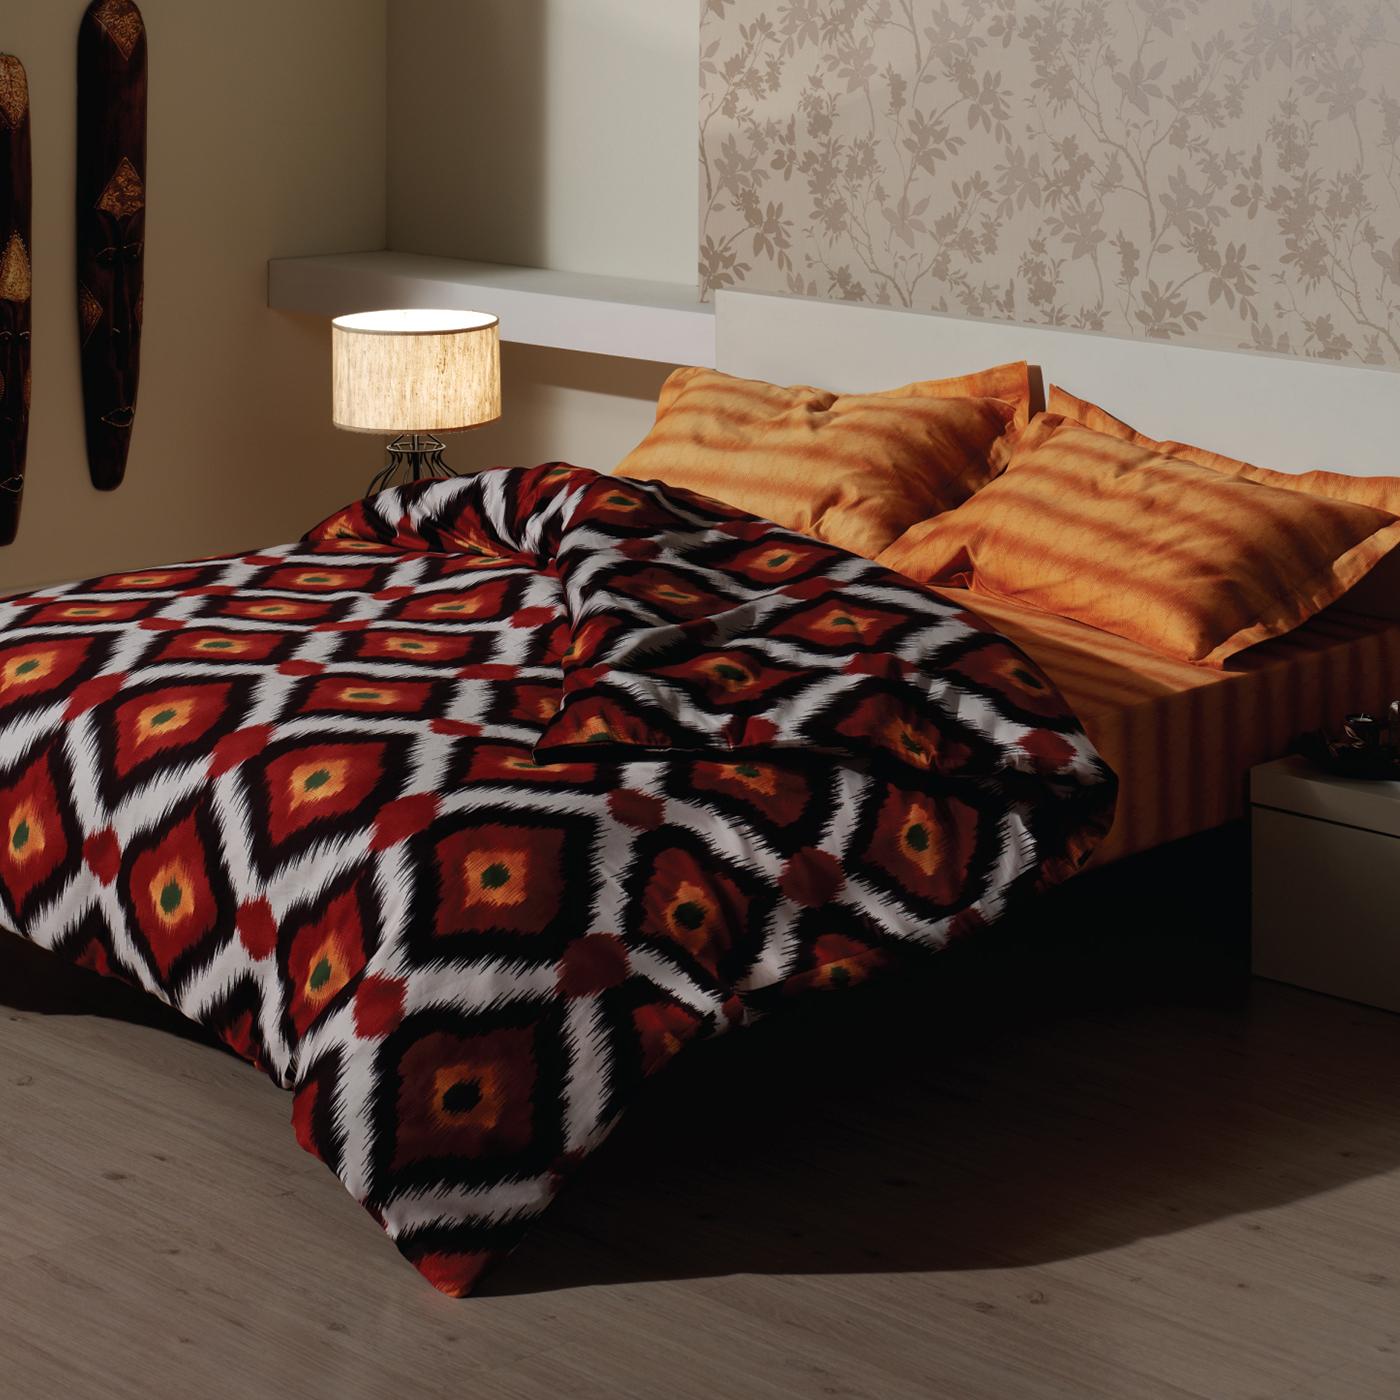 Купить Комплект постельного белья Ikat Orange Euro, inmyroom, Турция